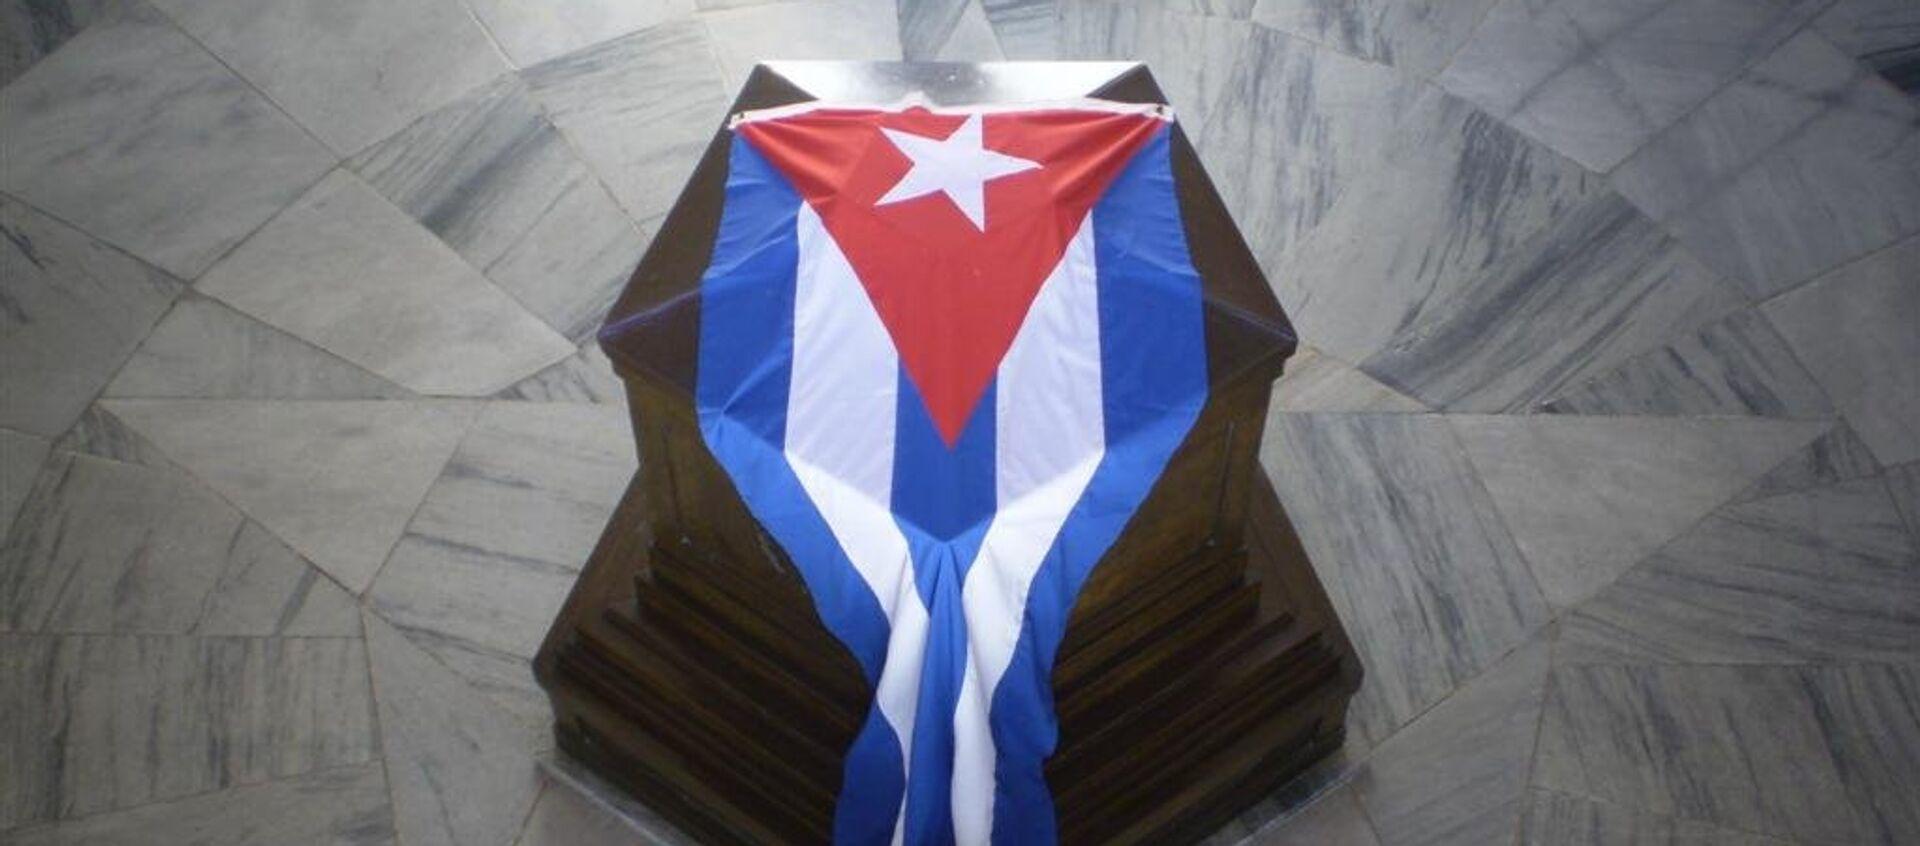 Tumba de José Martí en el cementerio de Santa Ifigenia en Santiago de Cuba - Sputnik Mundo, 1920, 27.05.2019